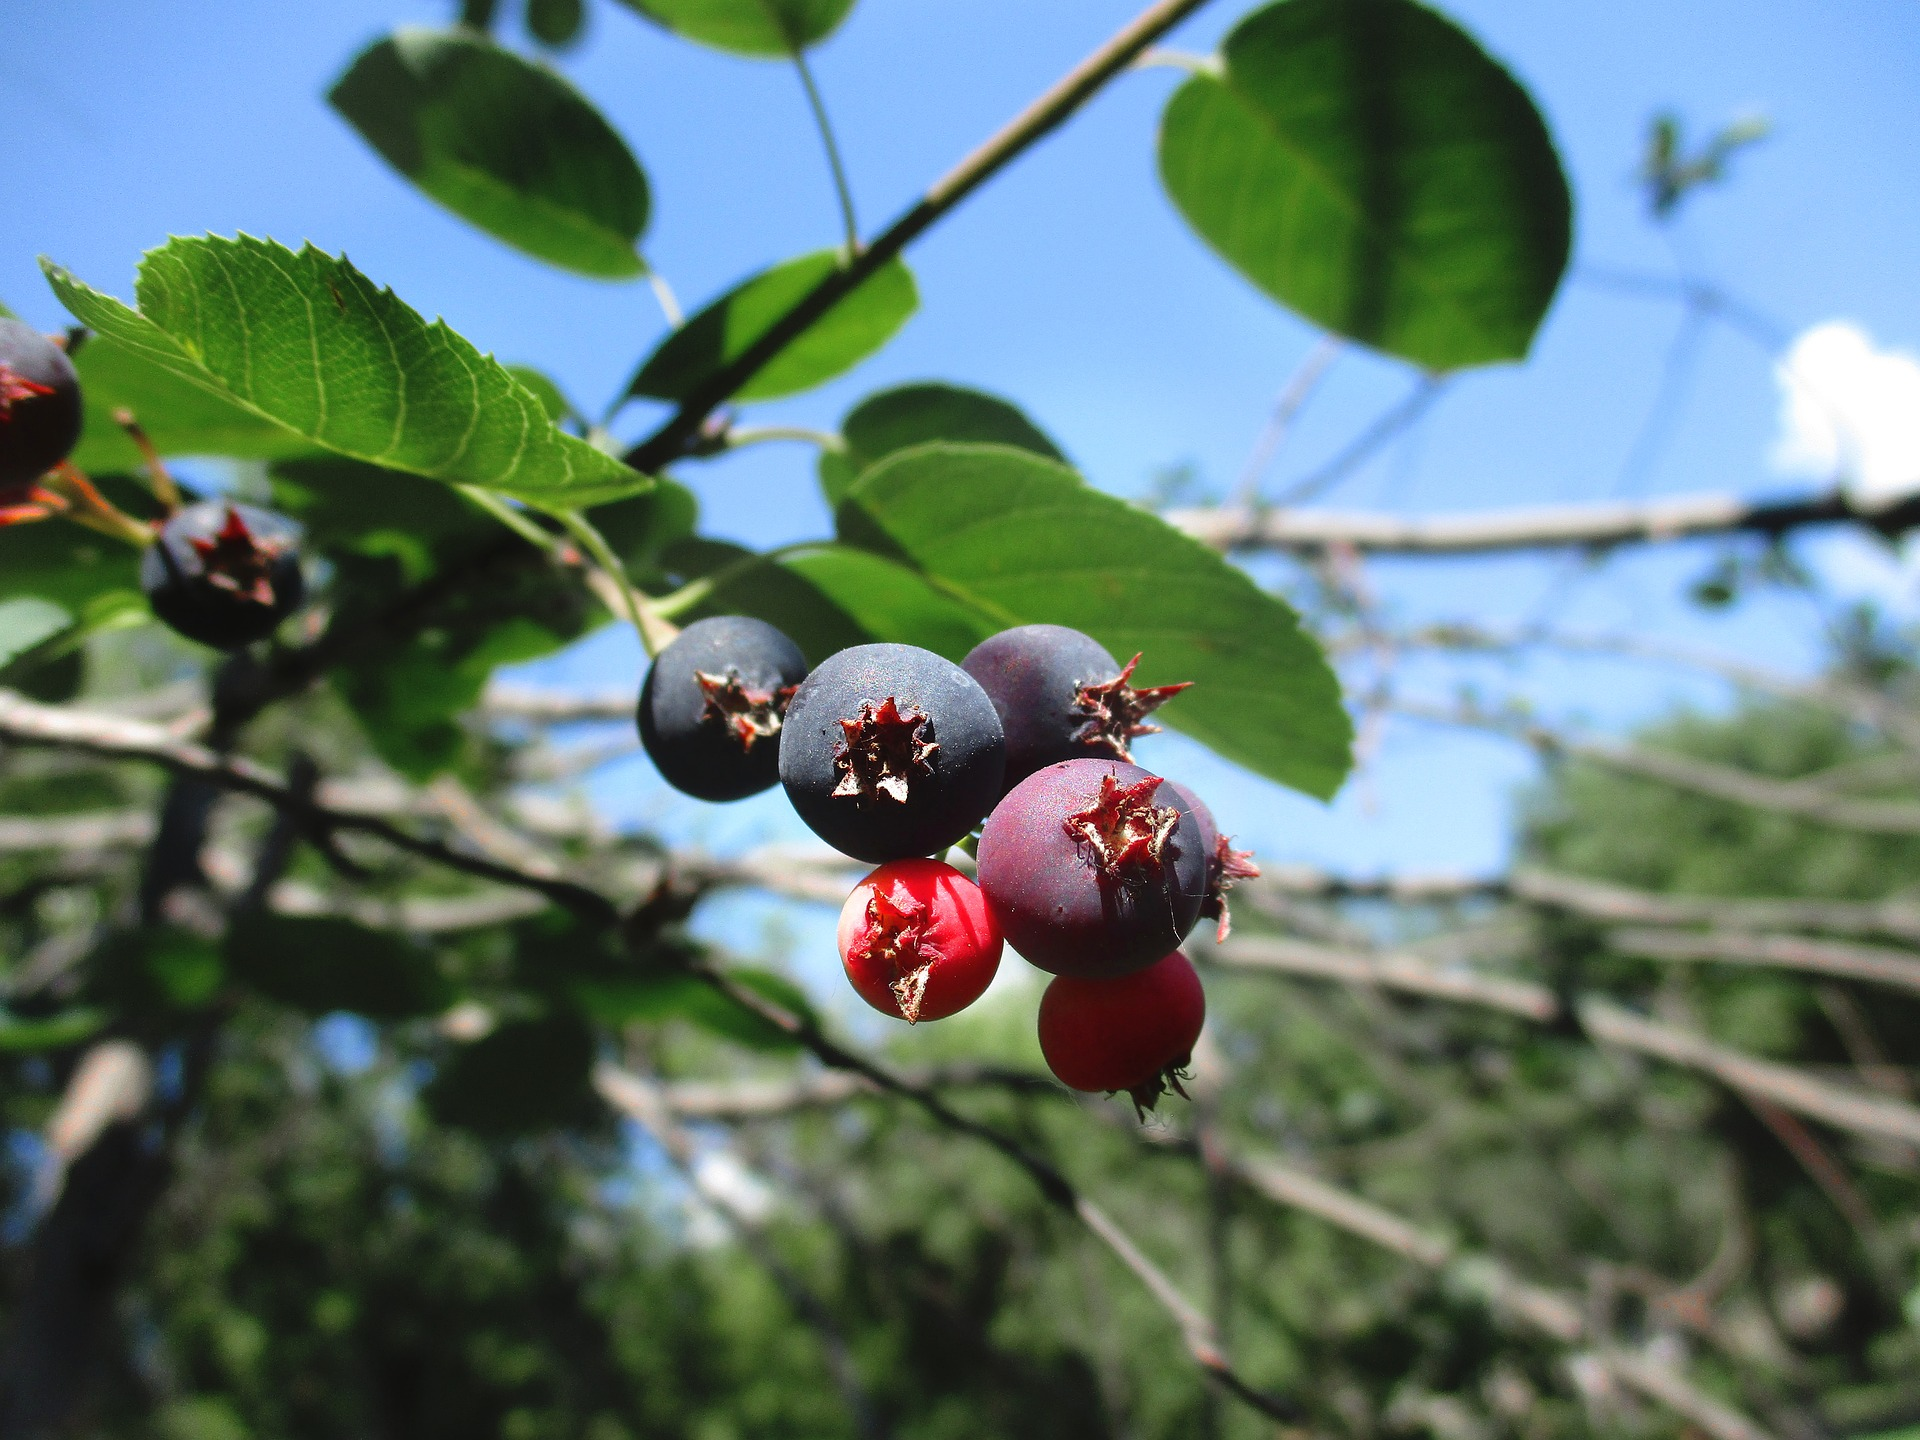 berry-3569694_1920.jpg